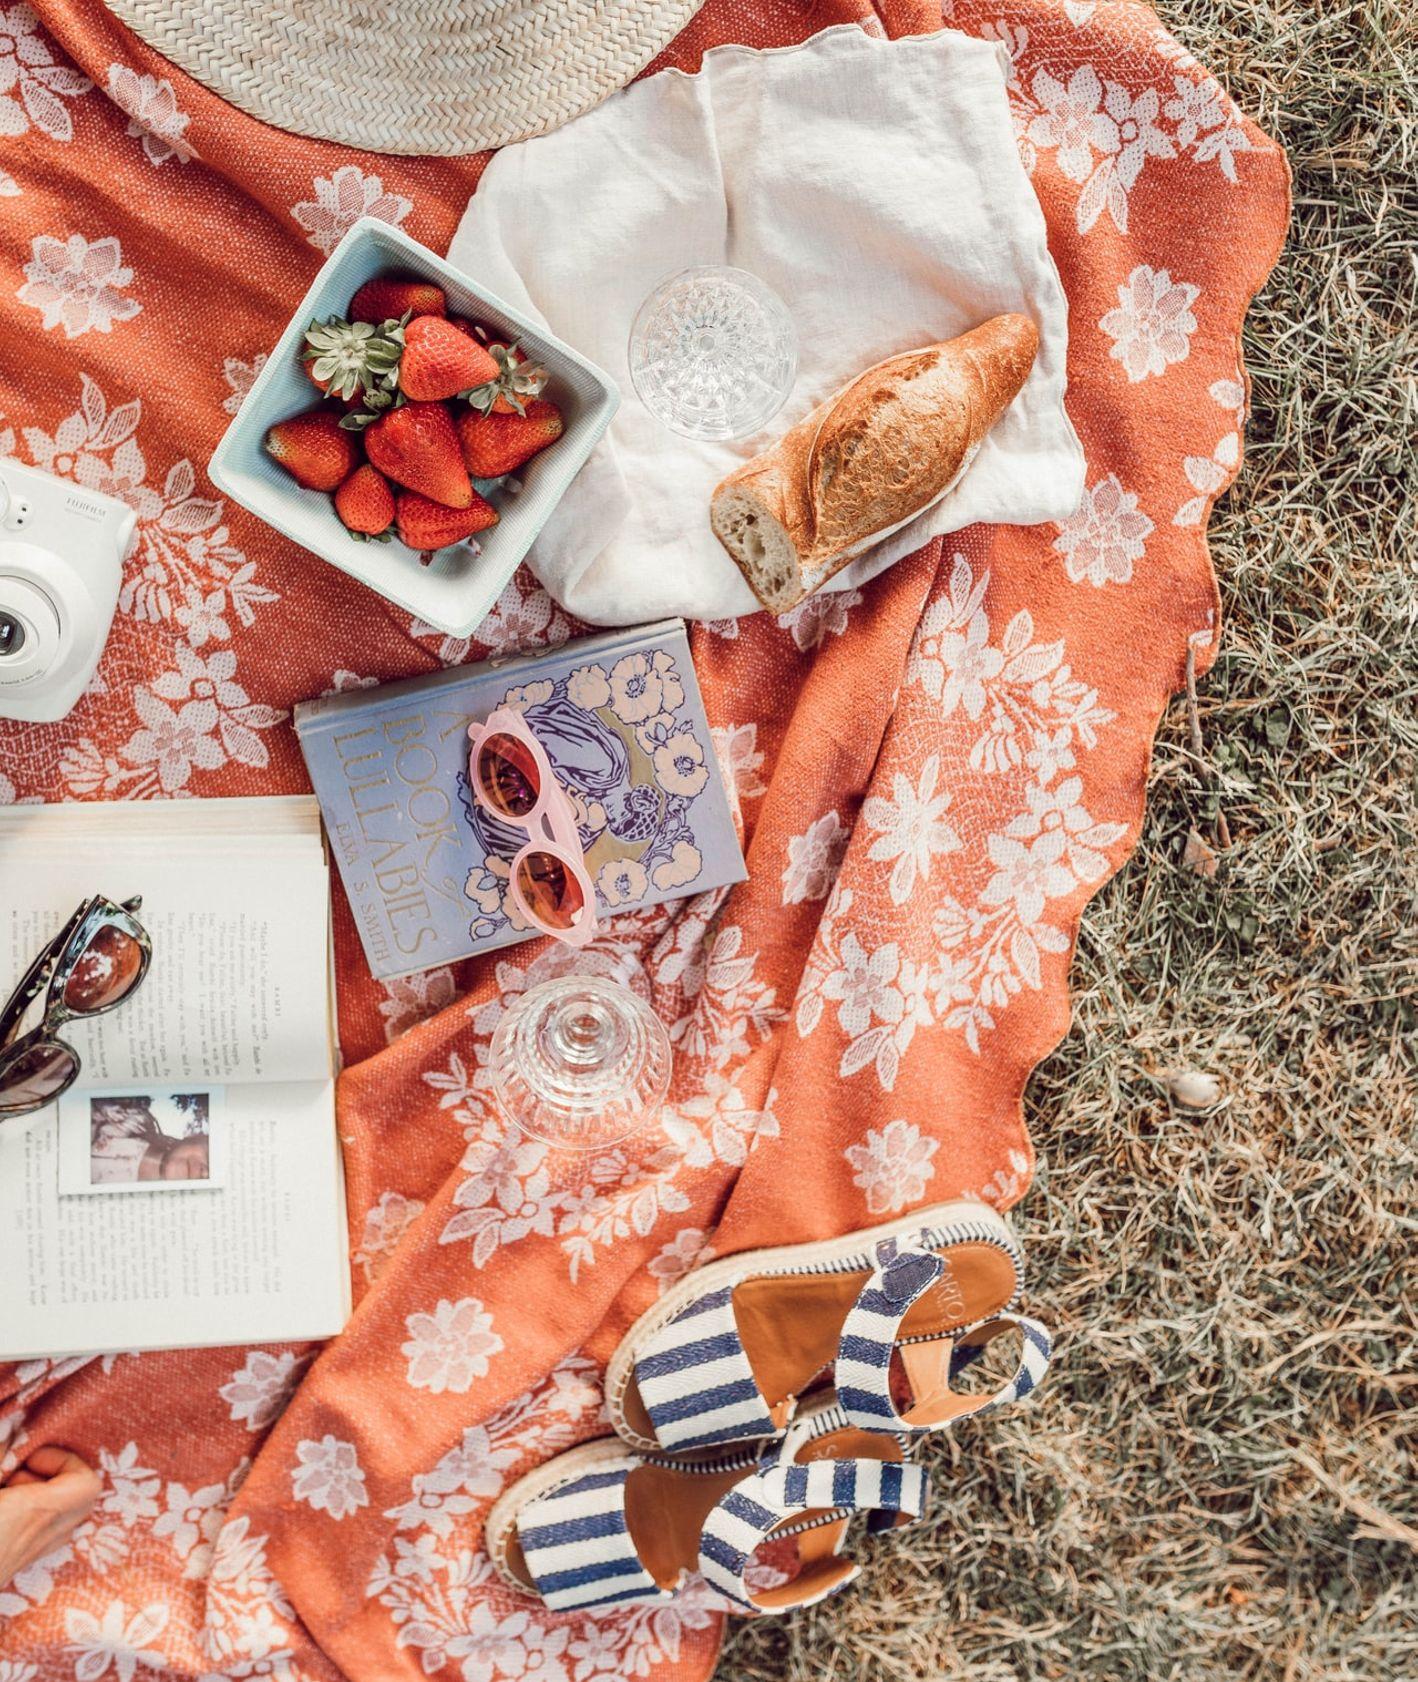 Piknik (fot. Liana Mikah / unsplash.com)